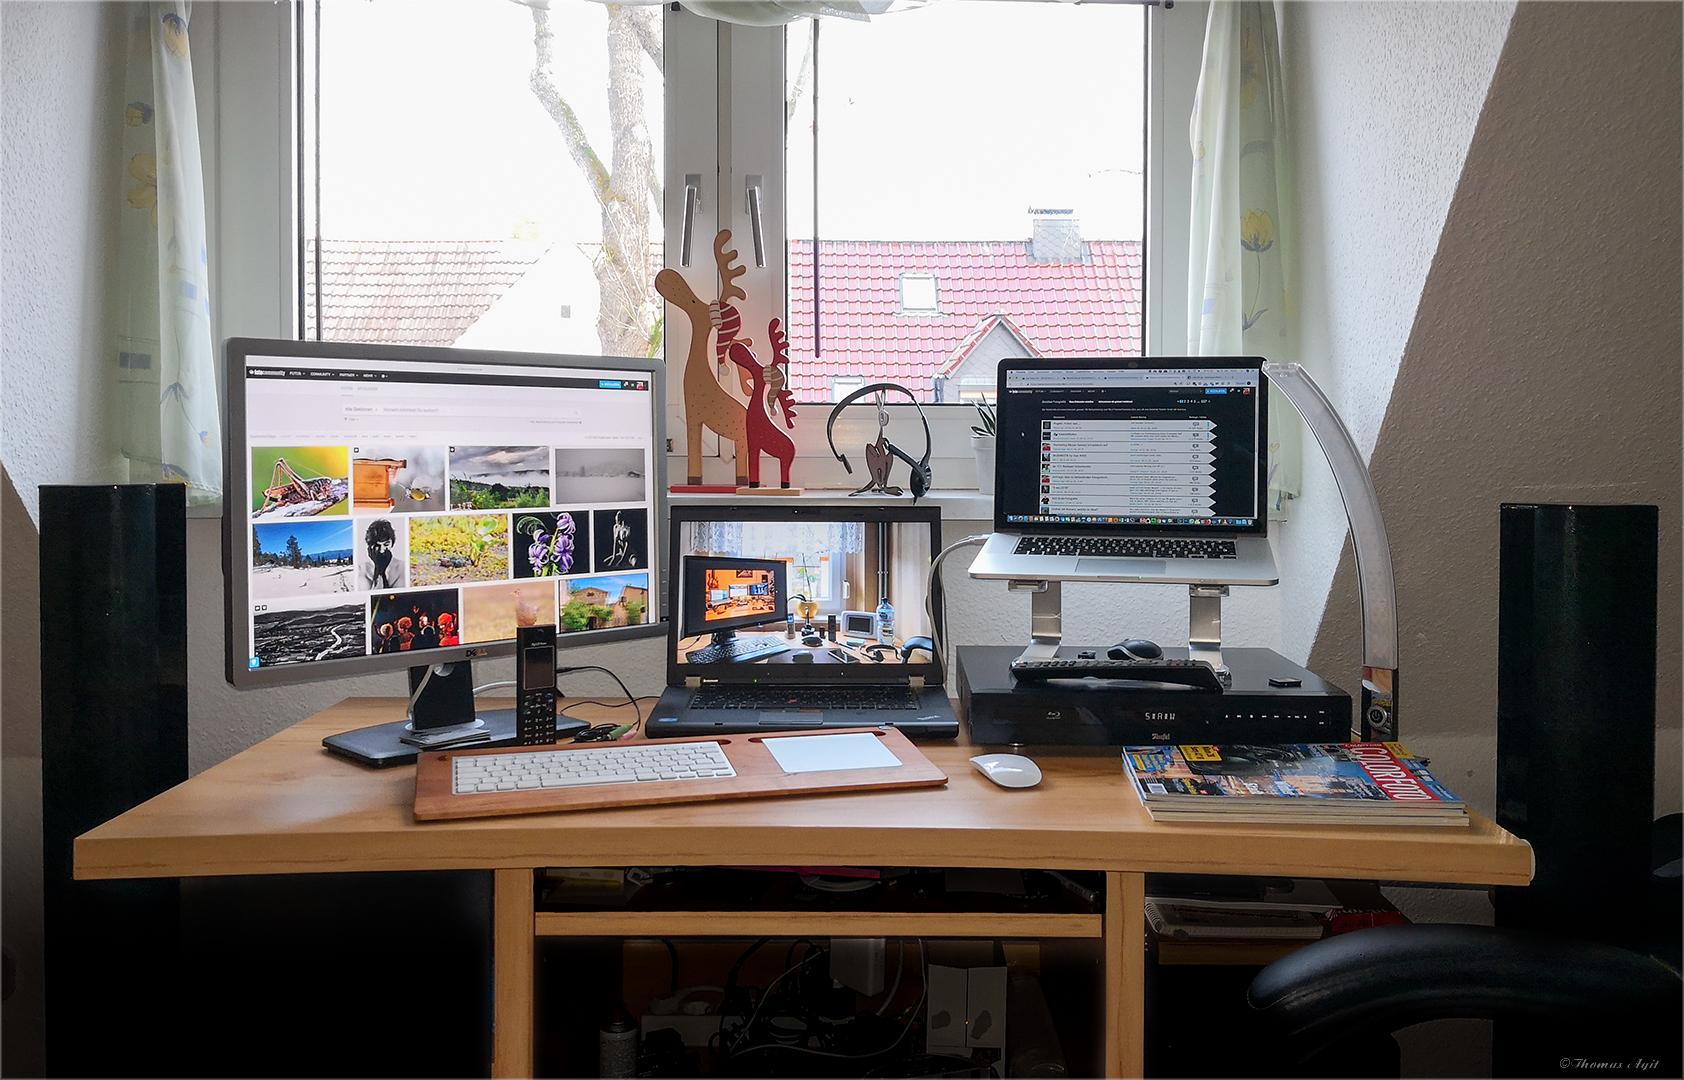 Räume Deinen Schreibtisch auf...#2